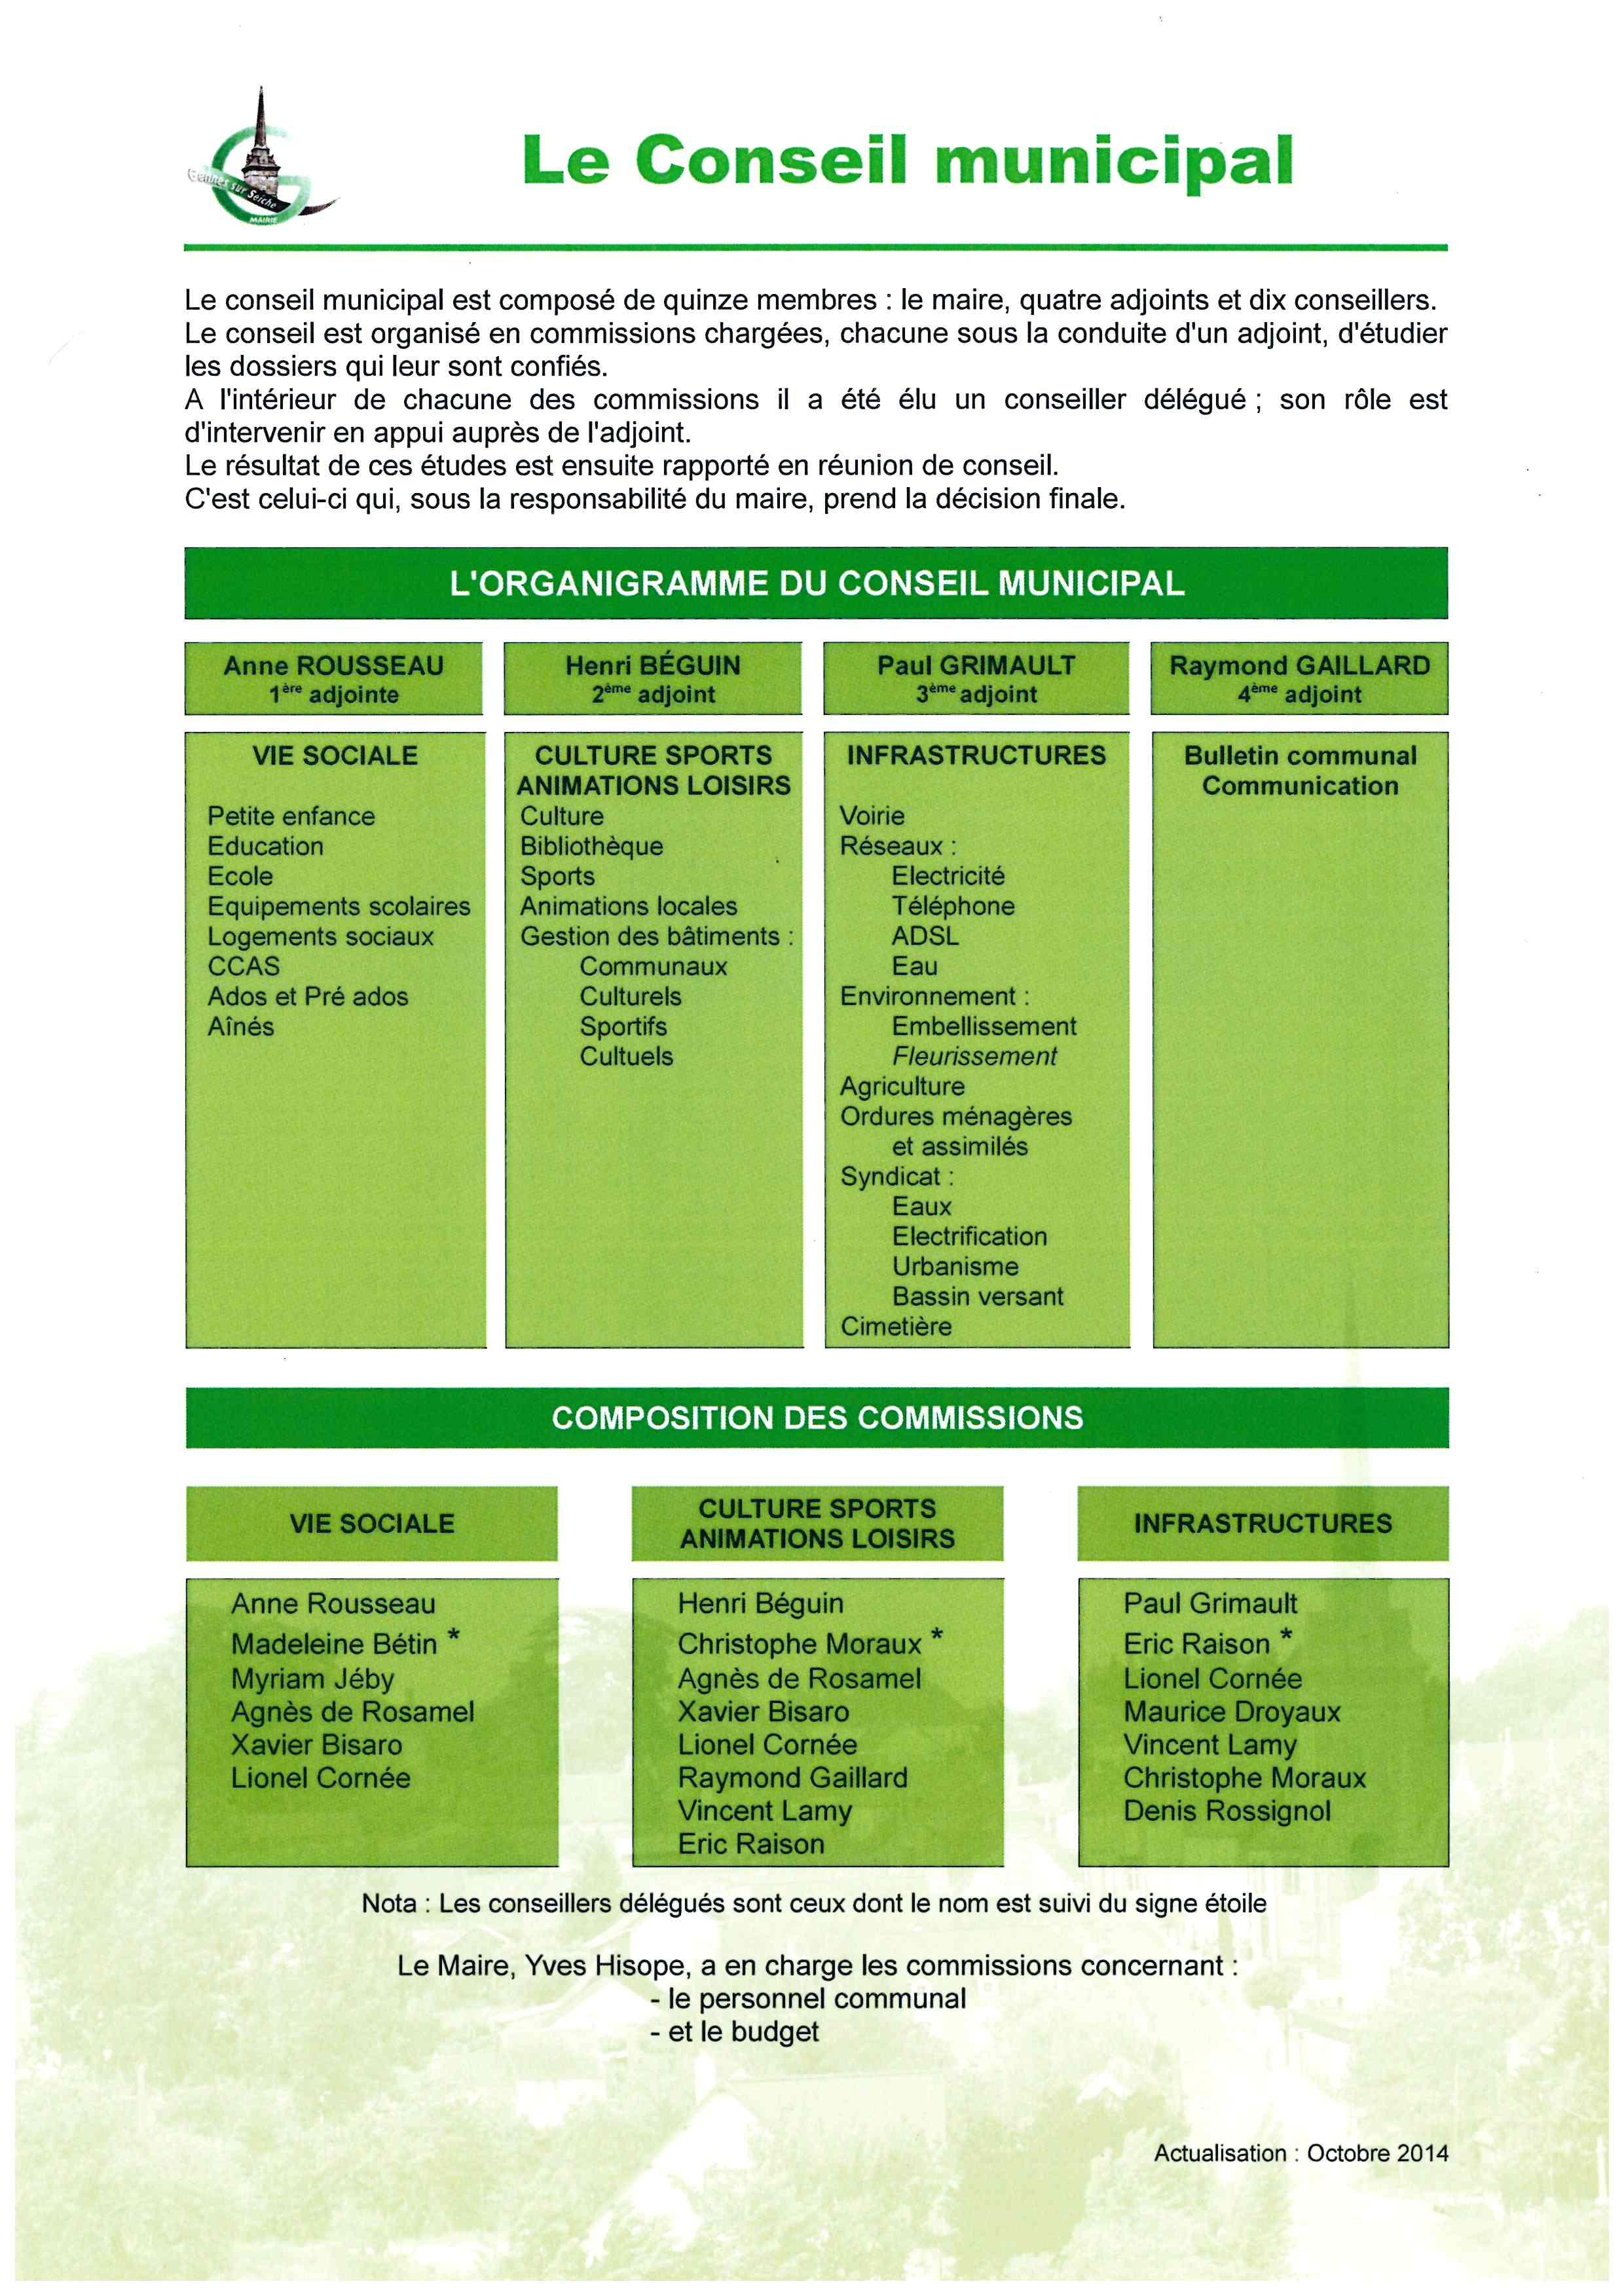 l-organigramme-du-conseil-municipal